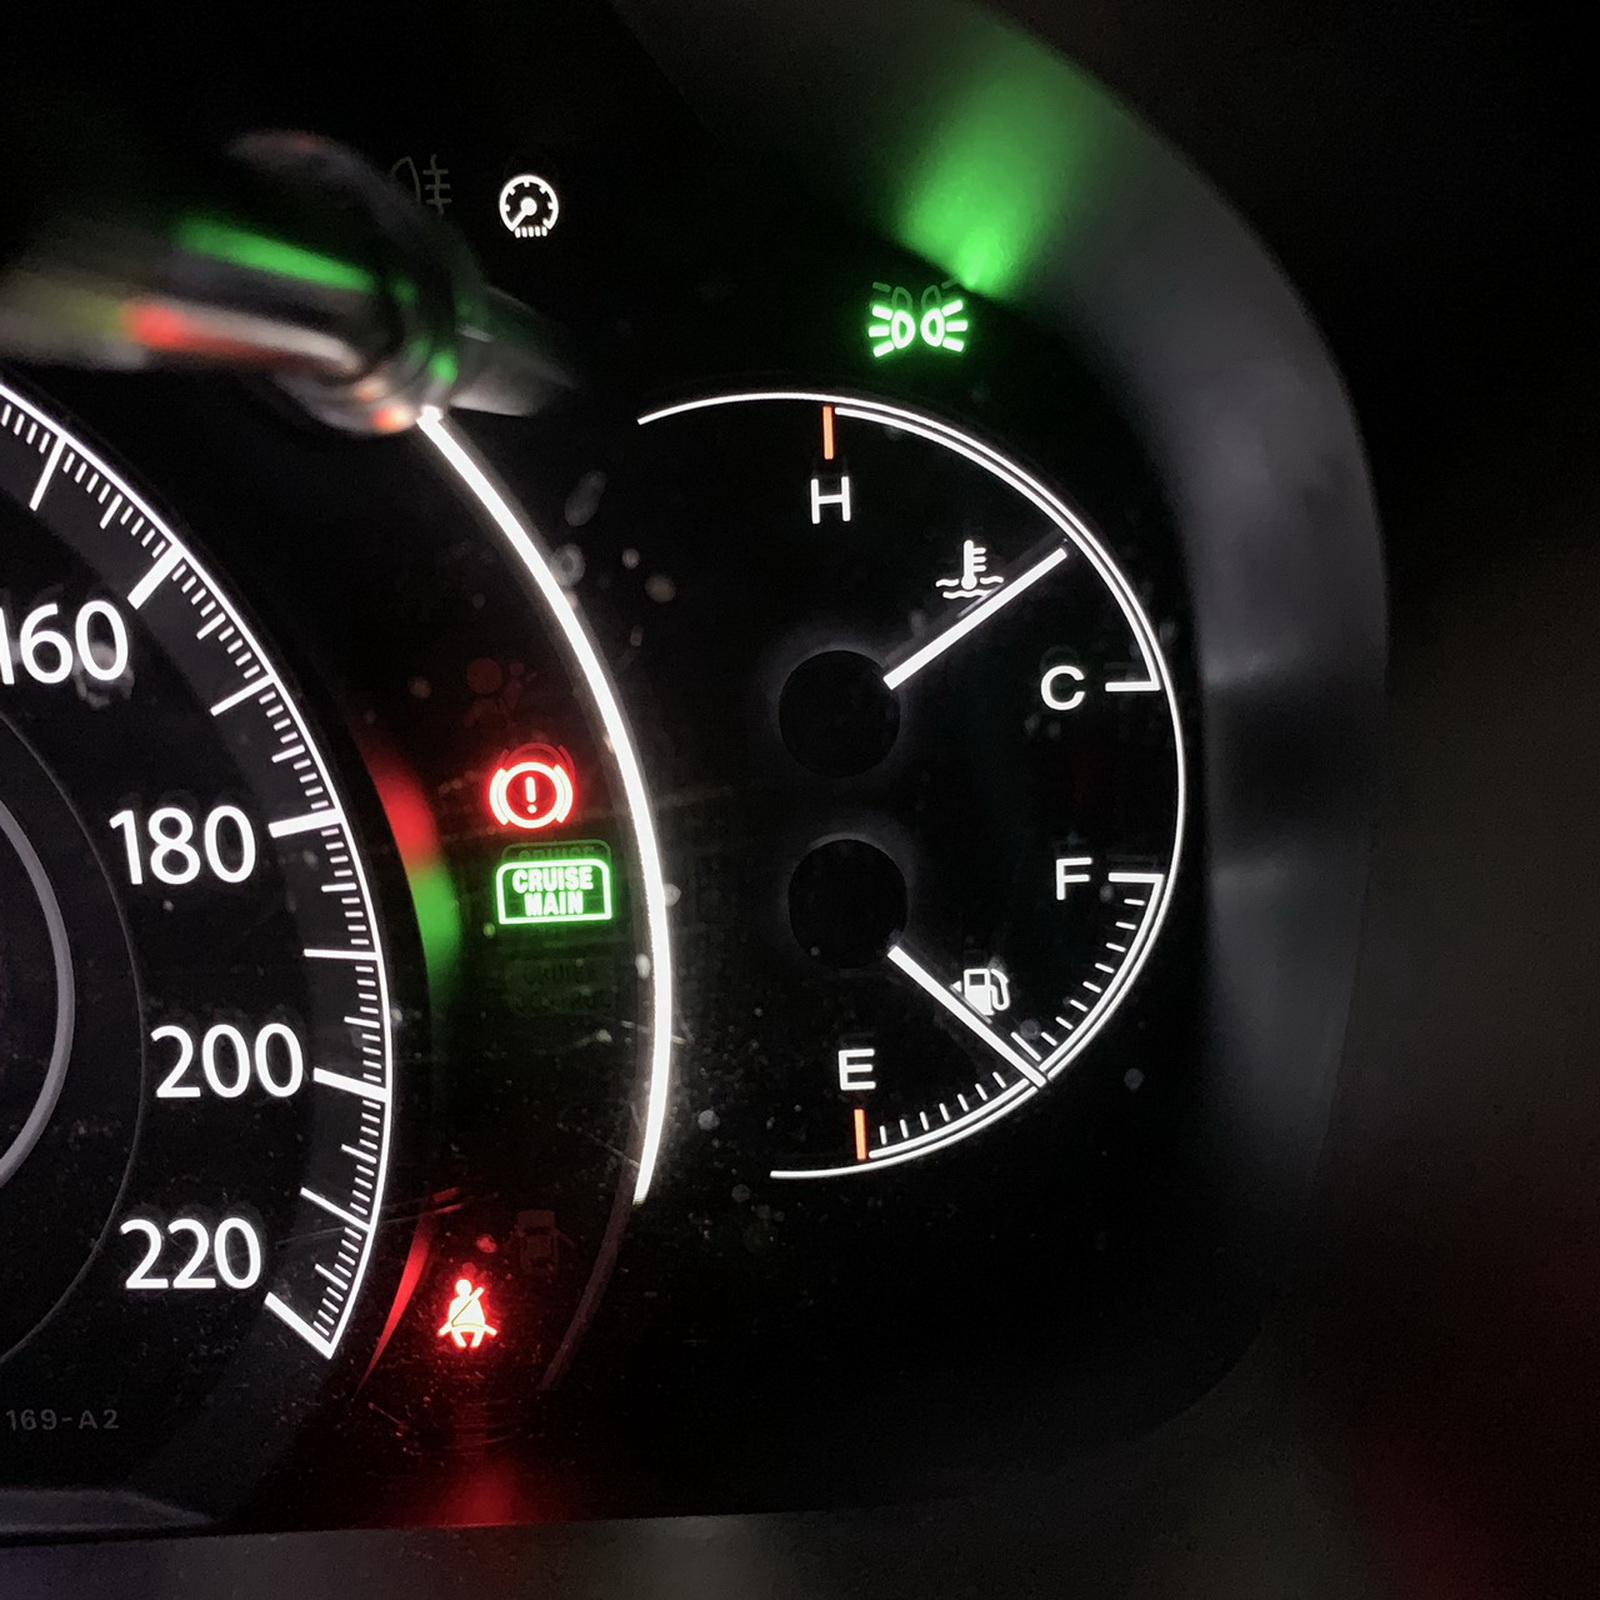 圖/▲上方水溫錶在行駛過程中,錶針維持在中間屬於正常,若越來越偏上表示水溫偏高,必須立即停車檢查。至於下方油錶錶針位置即表示目前剩餘油量,建議加滿燃油再上路。